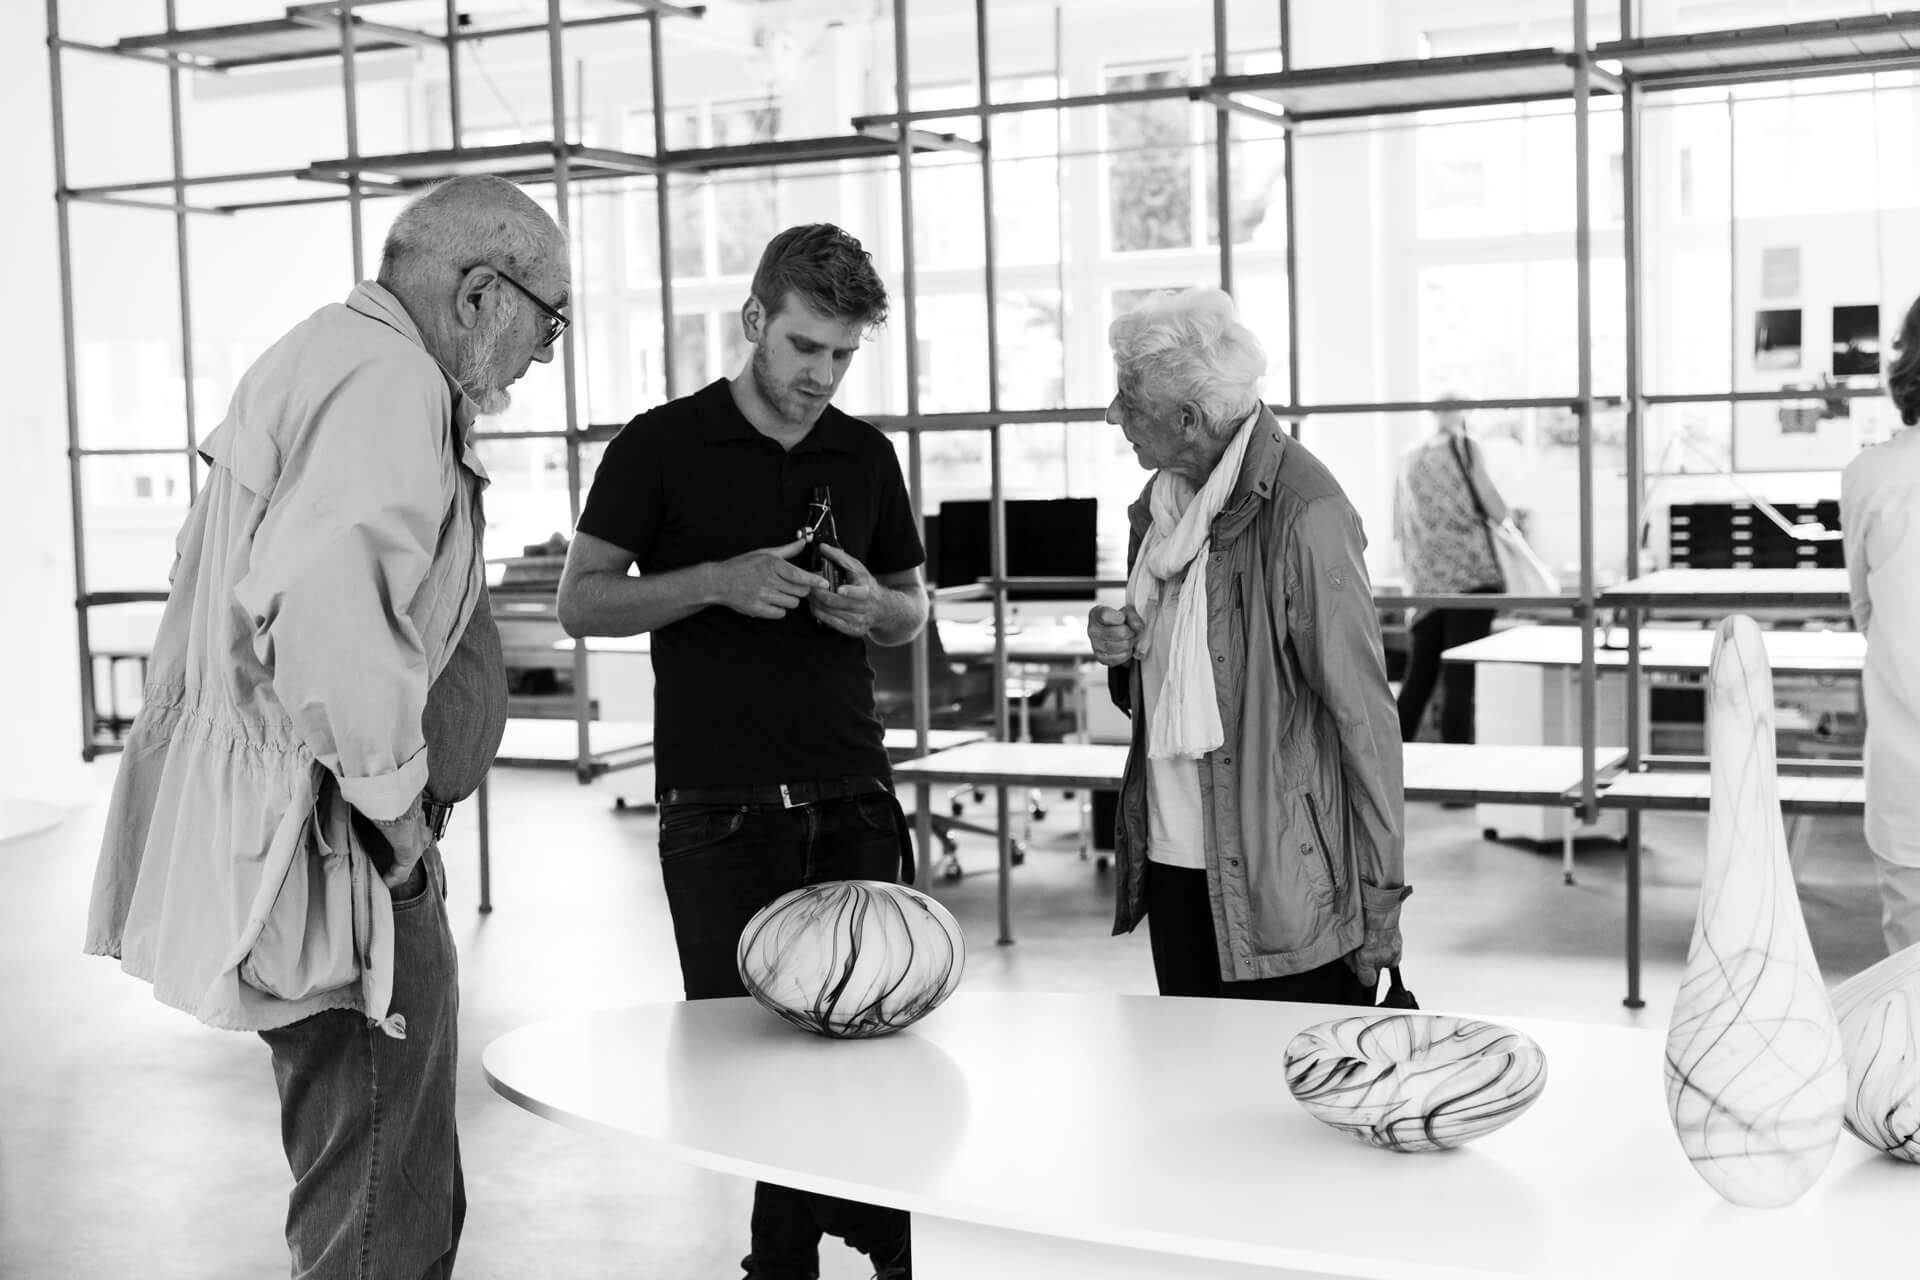 Jonas Noël Niedermann, Kunsthandwerk, glass artist, glass craft, glasmester Holmegaard Værk, Okro Chur